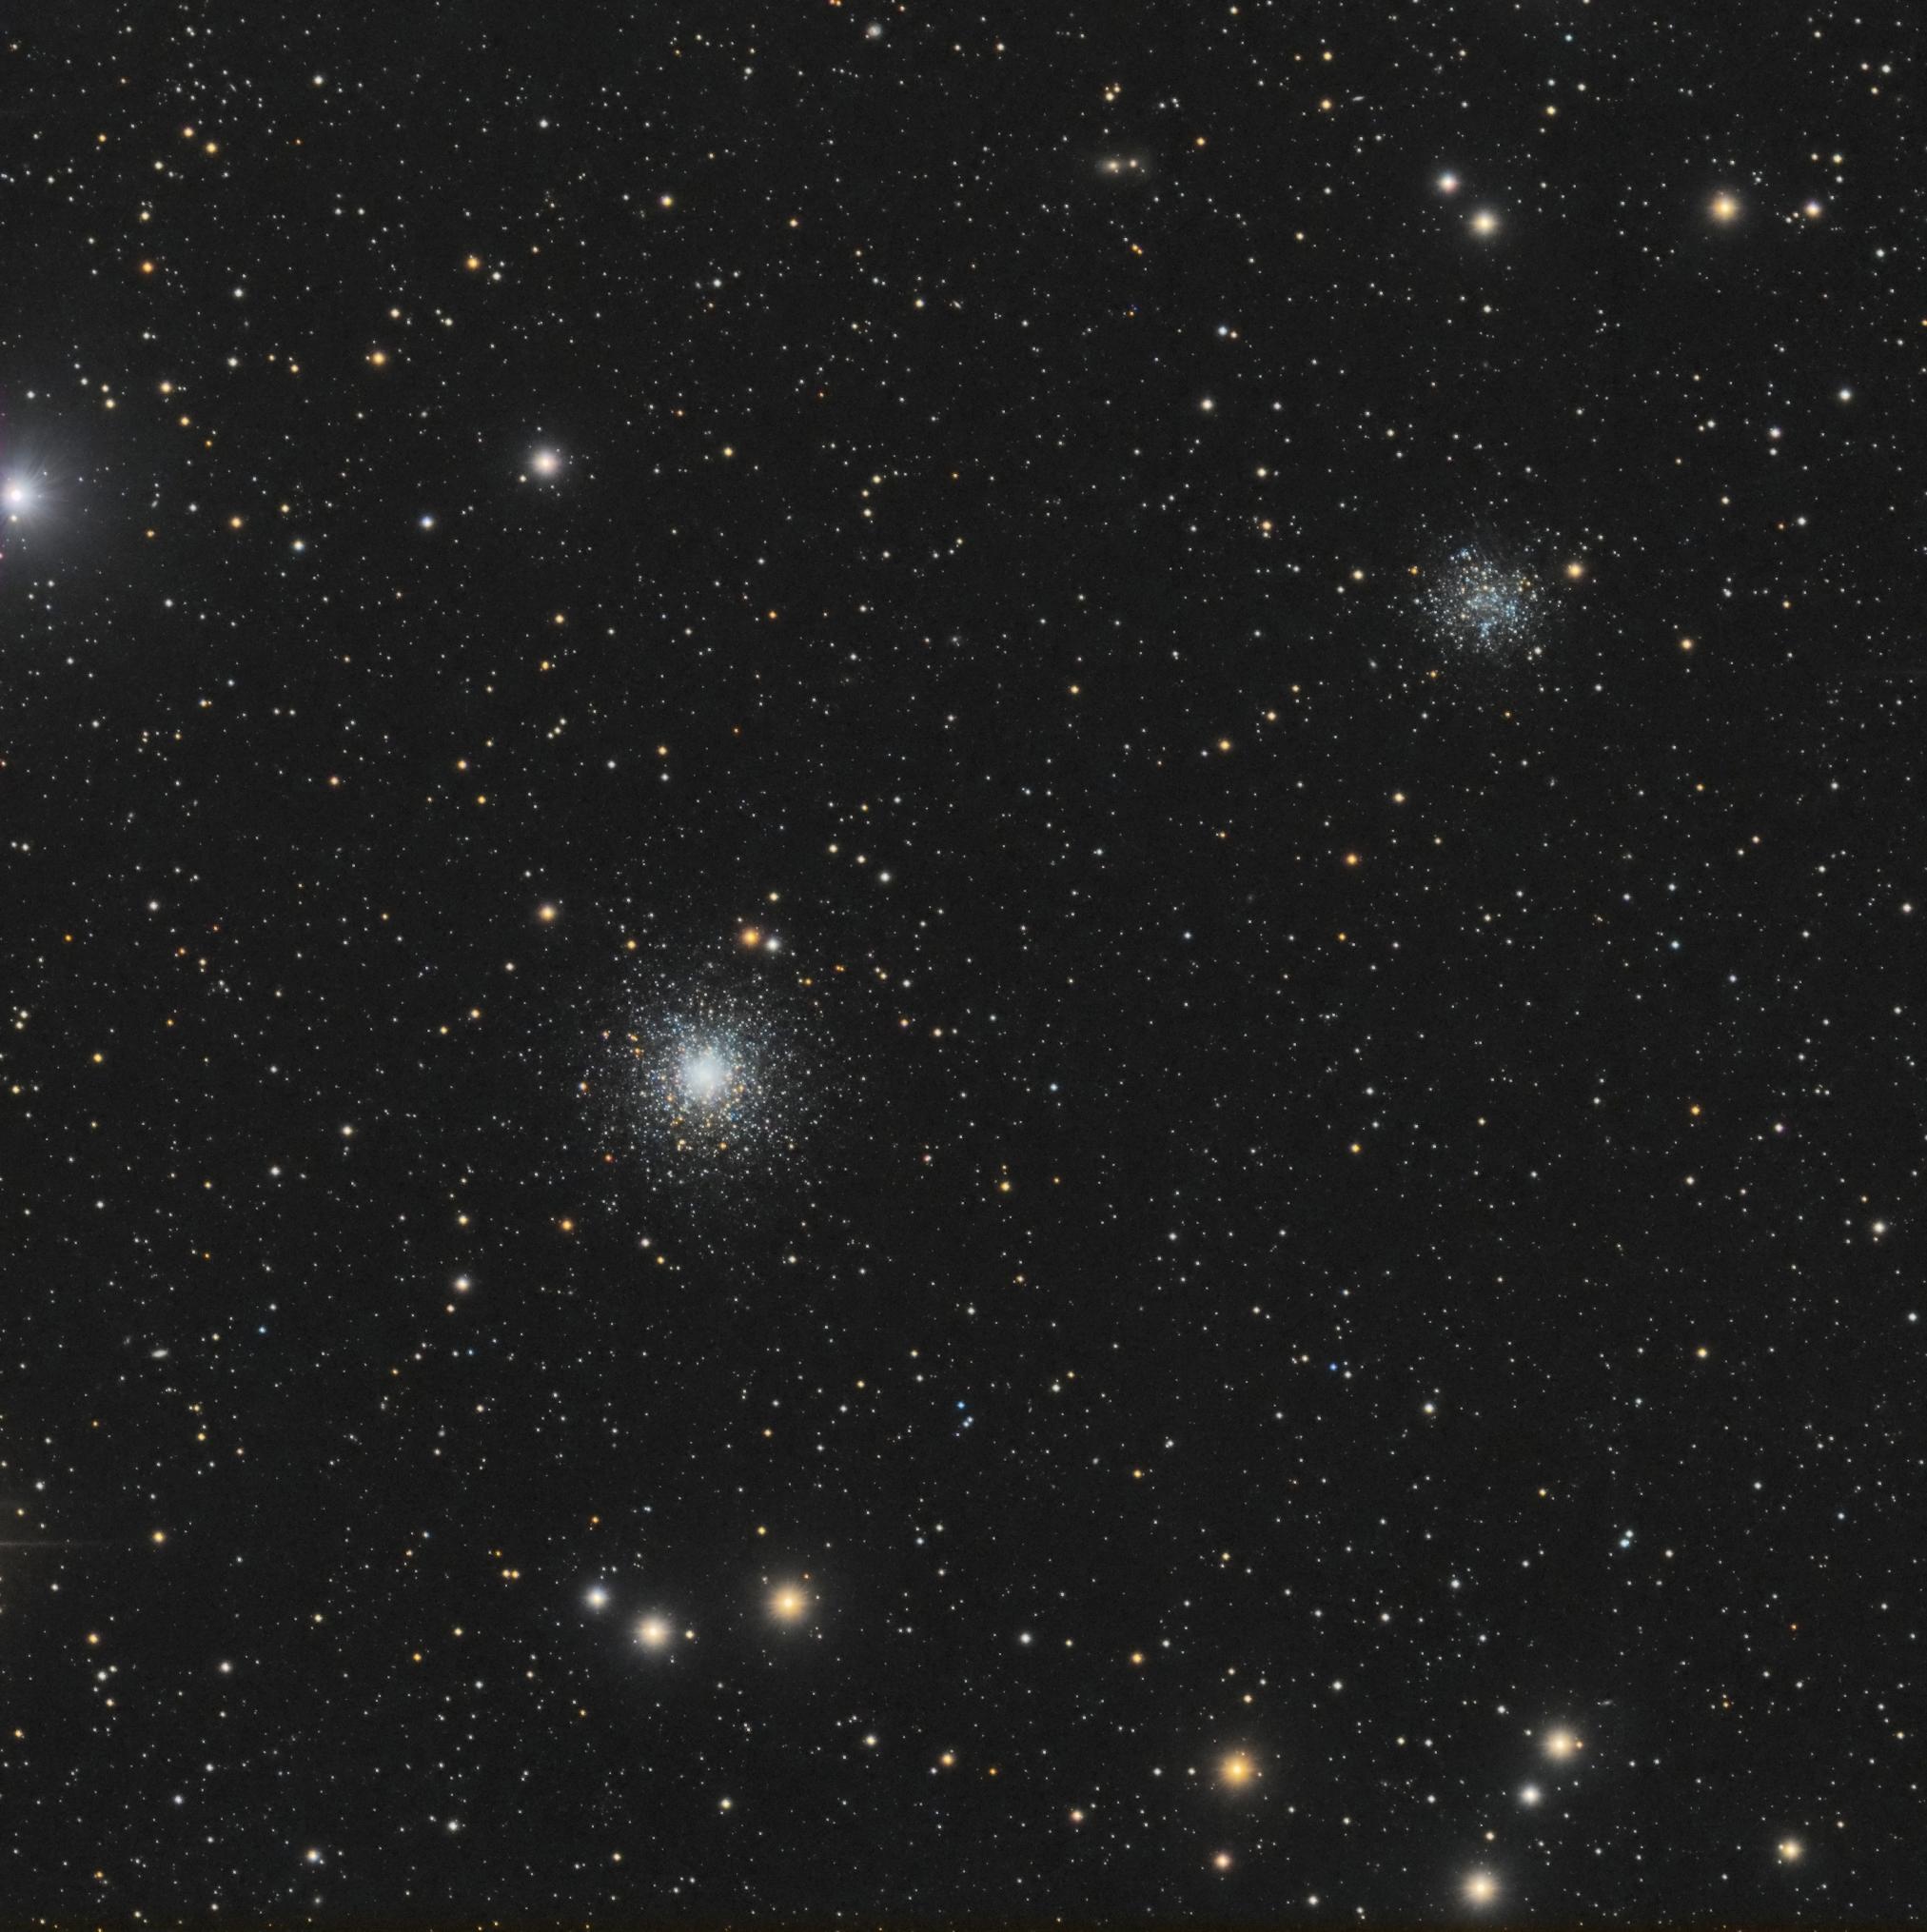 2 amas lointains dans la chevelure de Bérénice 967125M53LRVBCSPixstarssat